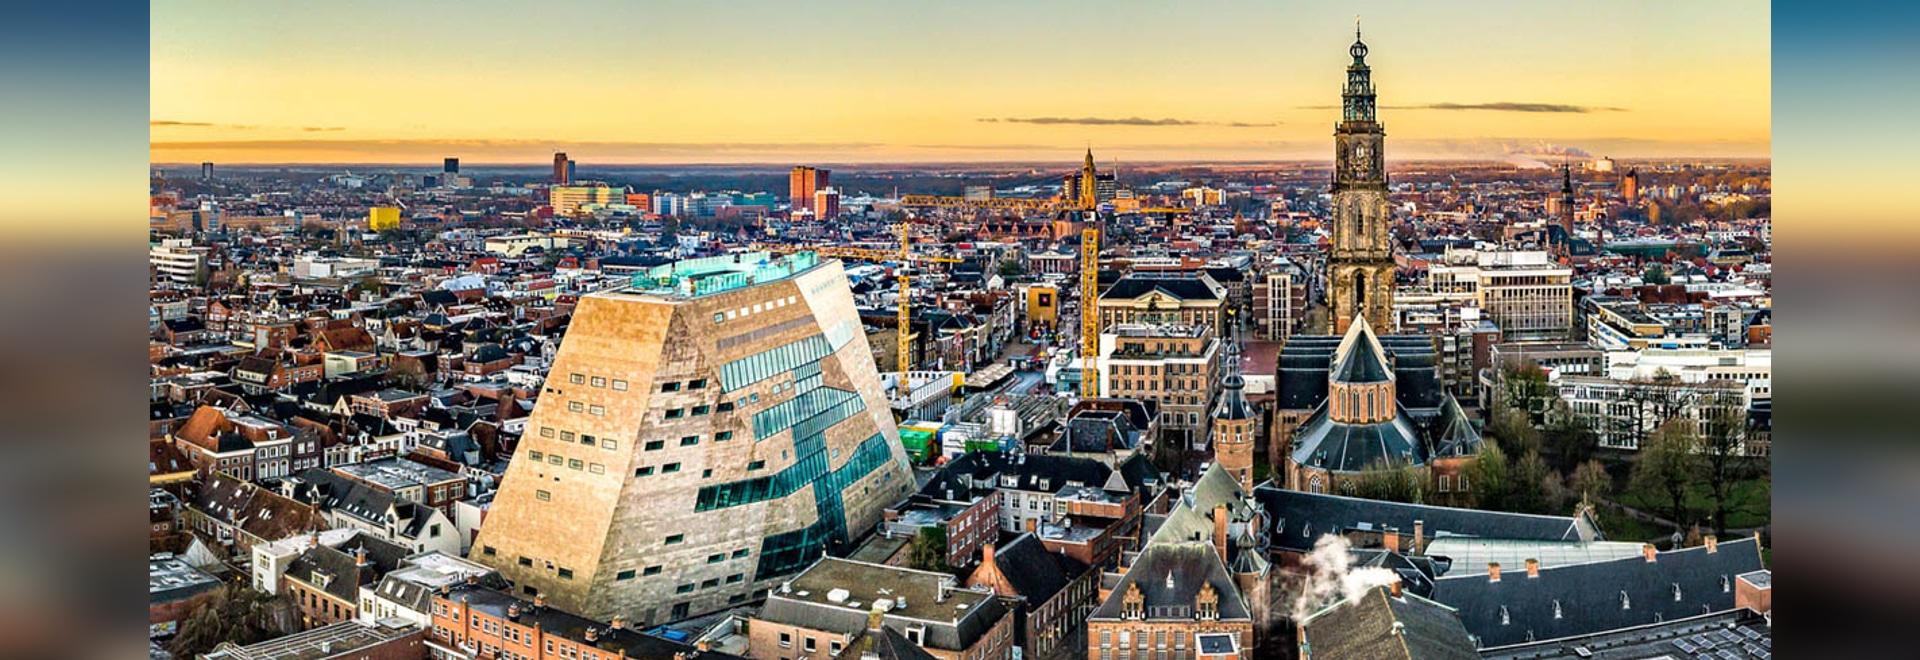 NL Architects completa il forum con facciate sfaccettate a Groningen